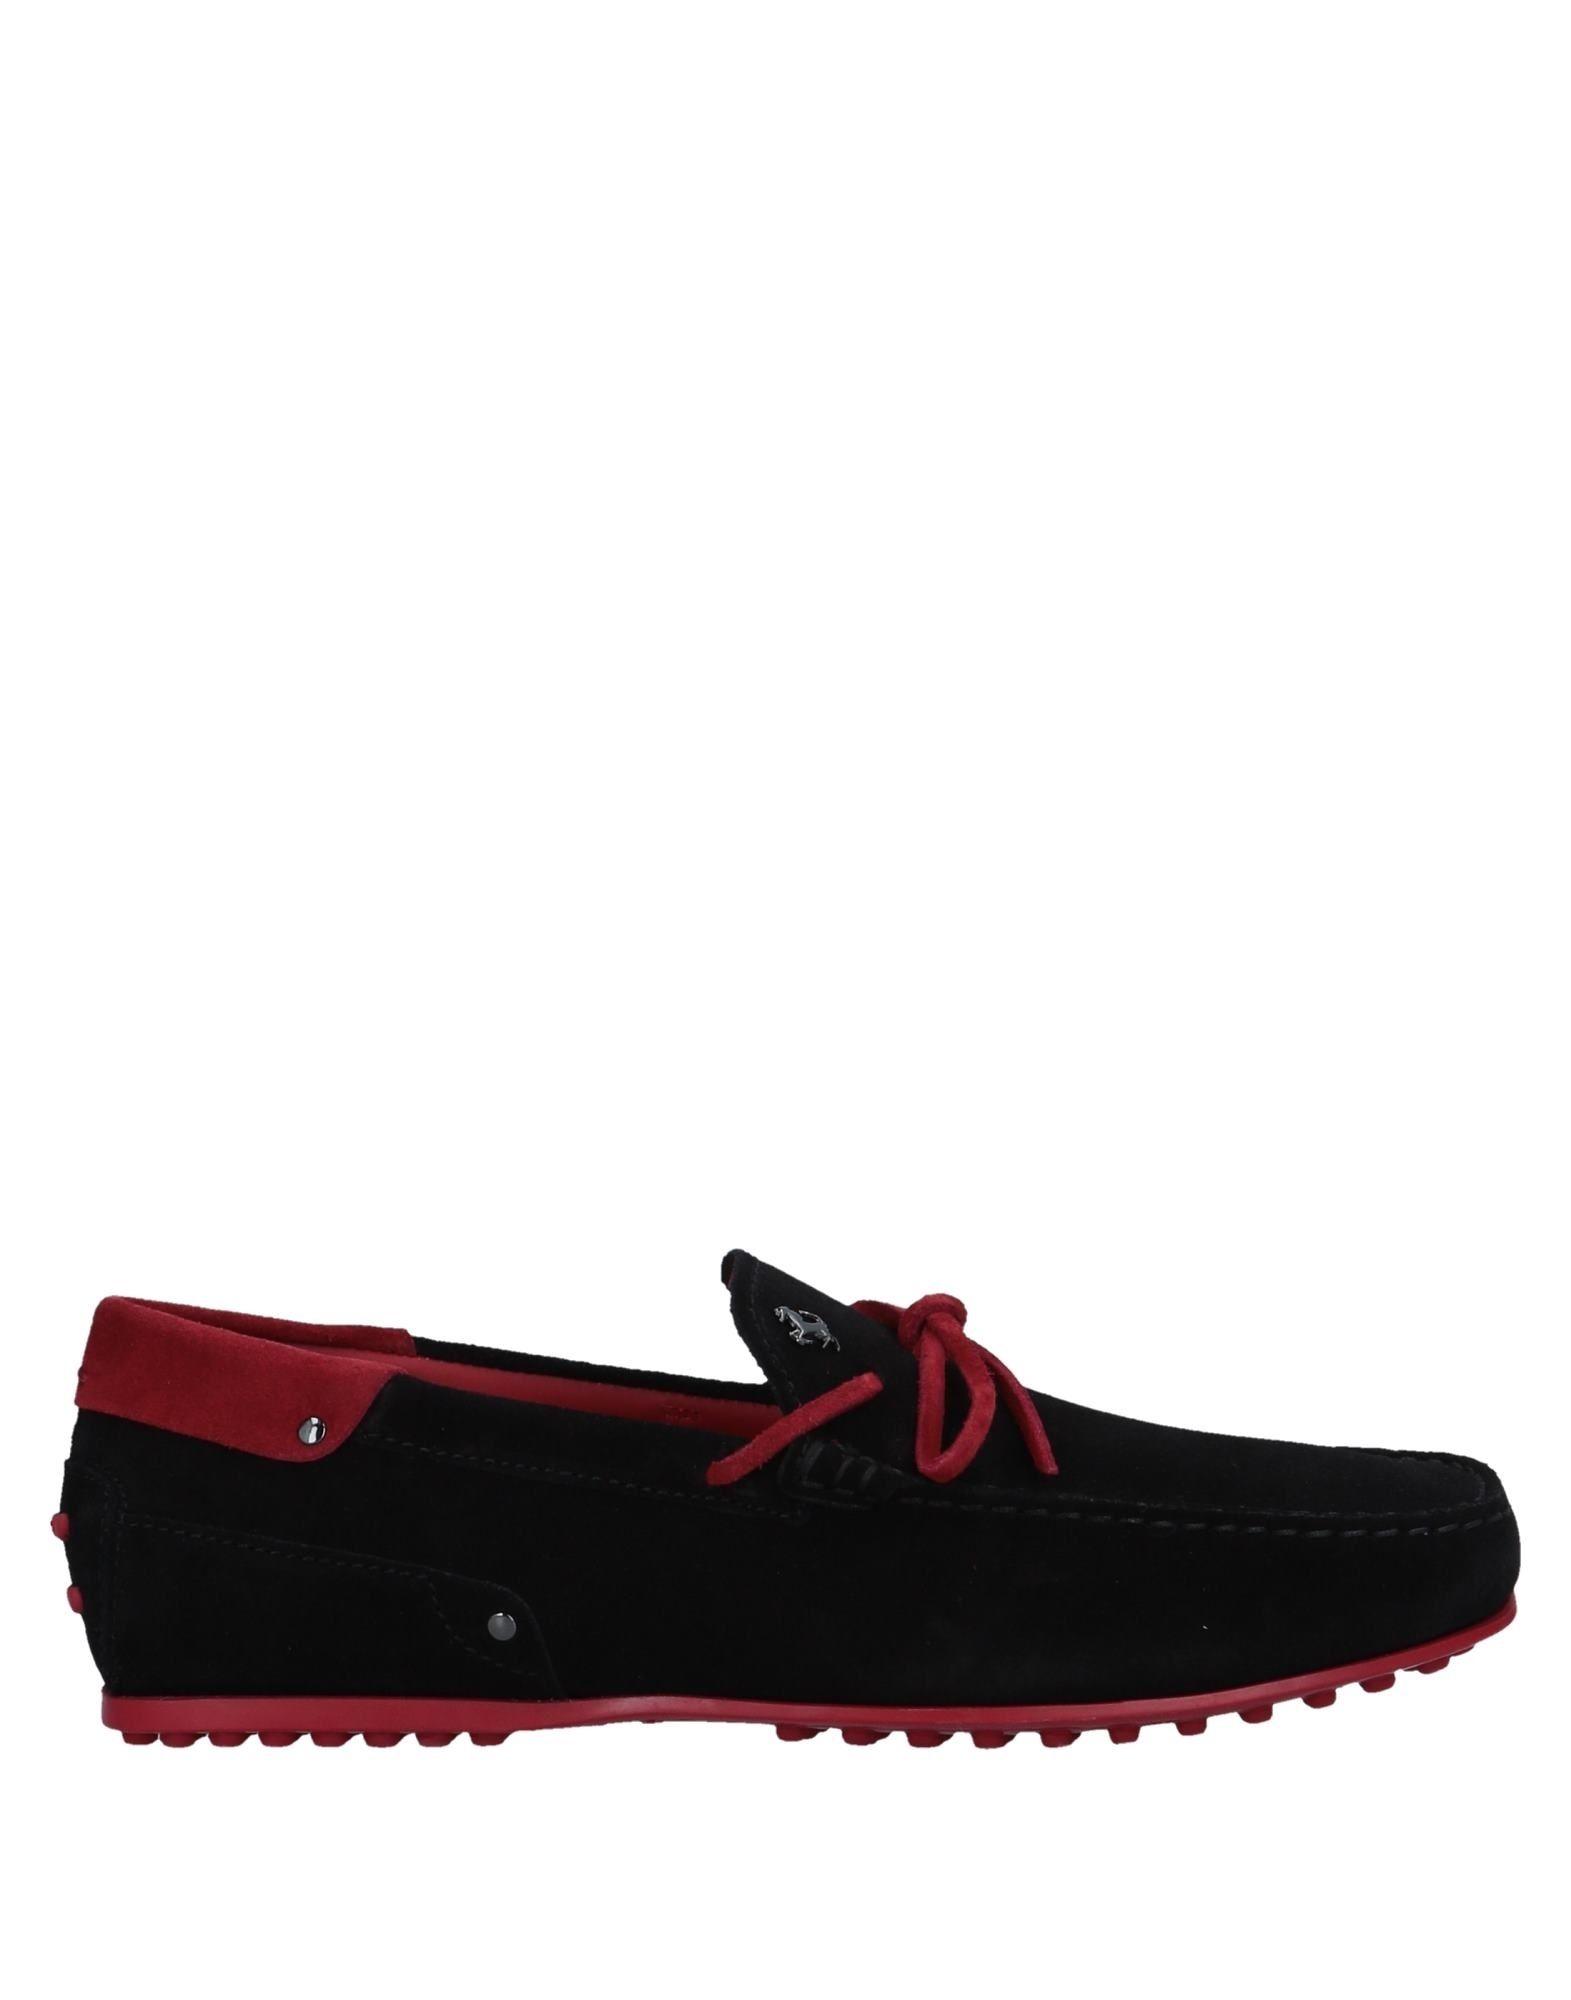 Tod's For Ferrari Mokassins Herren  11541311LI Gute Qualität beliebte Schuhe